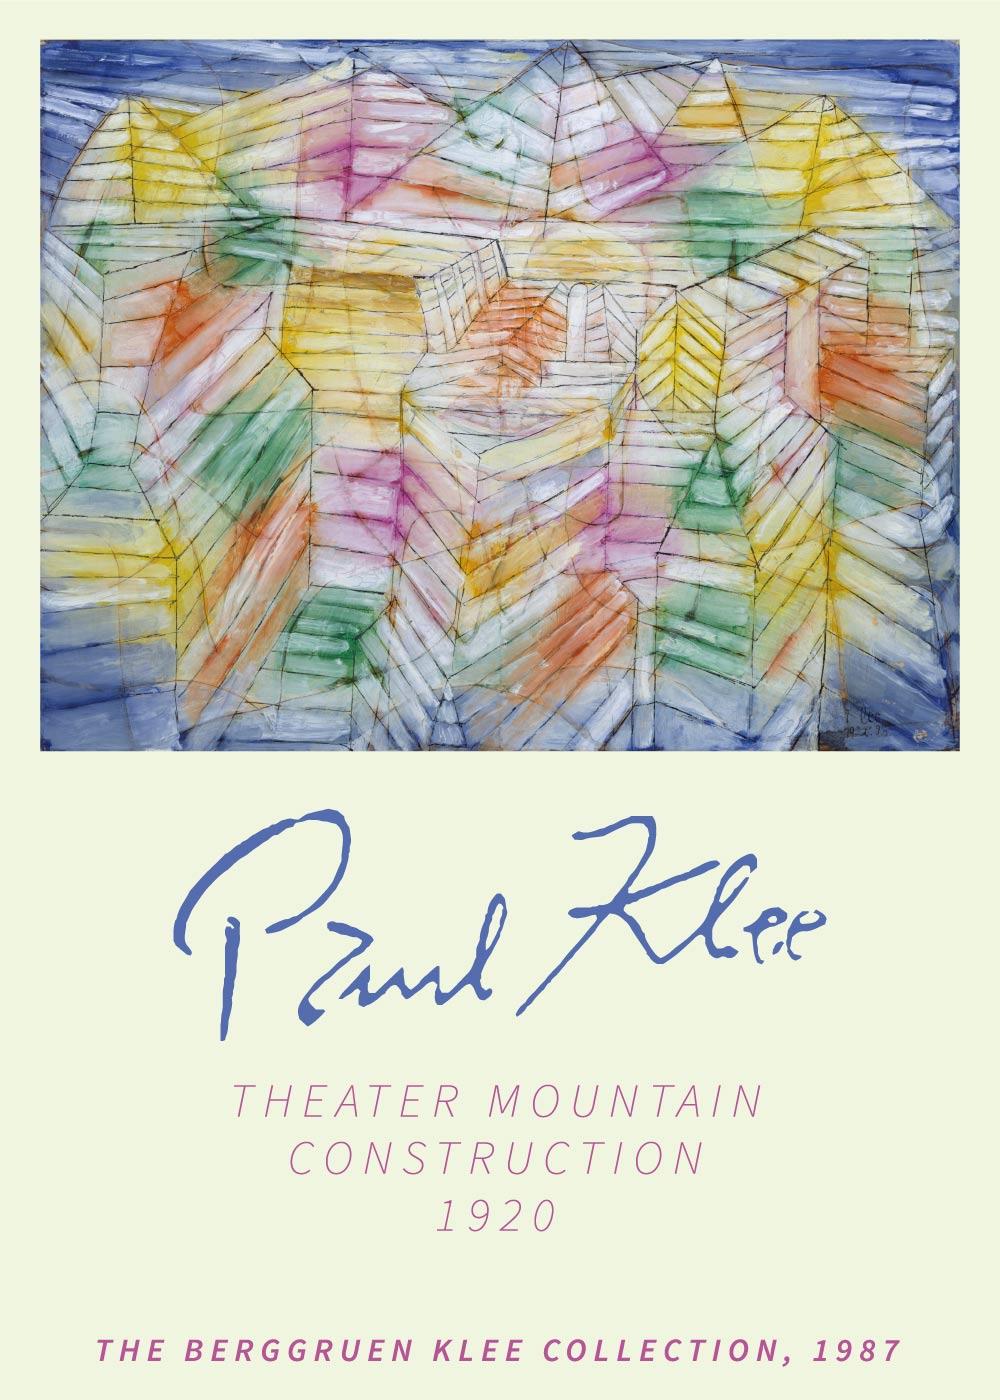 Billede af Theater mountain construction - Paul Klee Kunstplakat